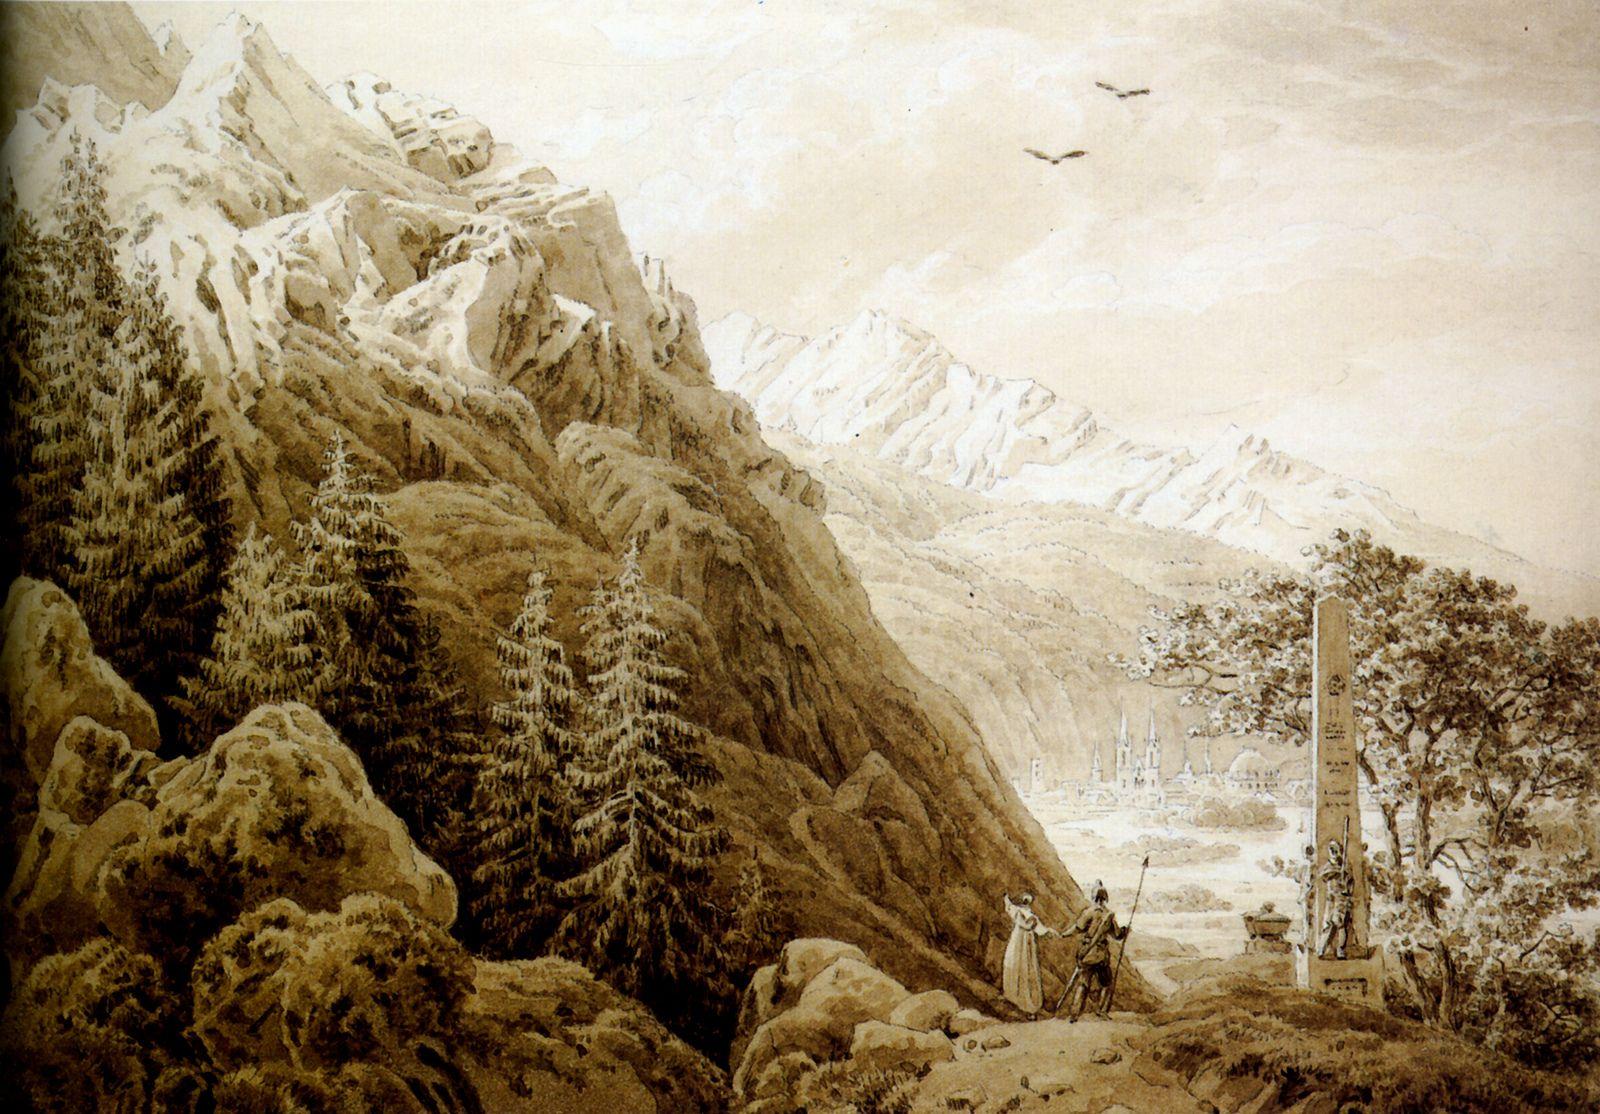 l'Automne sépia (1826) 19,1x27,5 cm Hambourg, Kunsthalle. Caspar David Friedrich